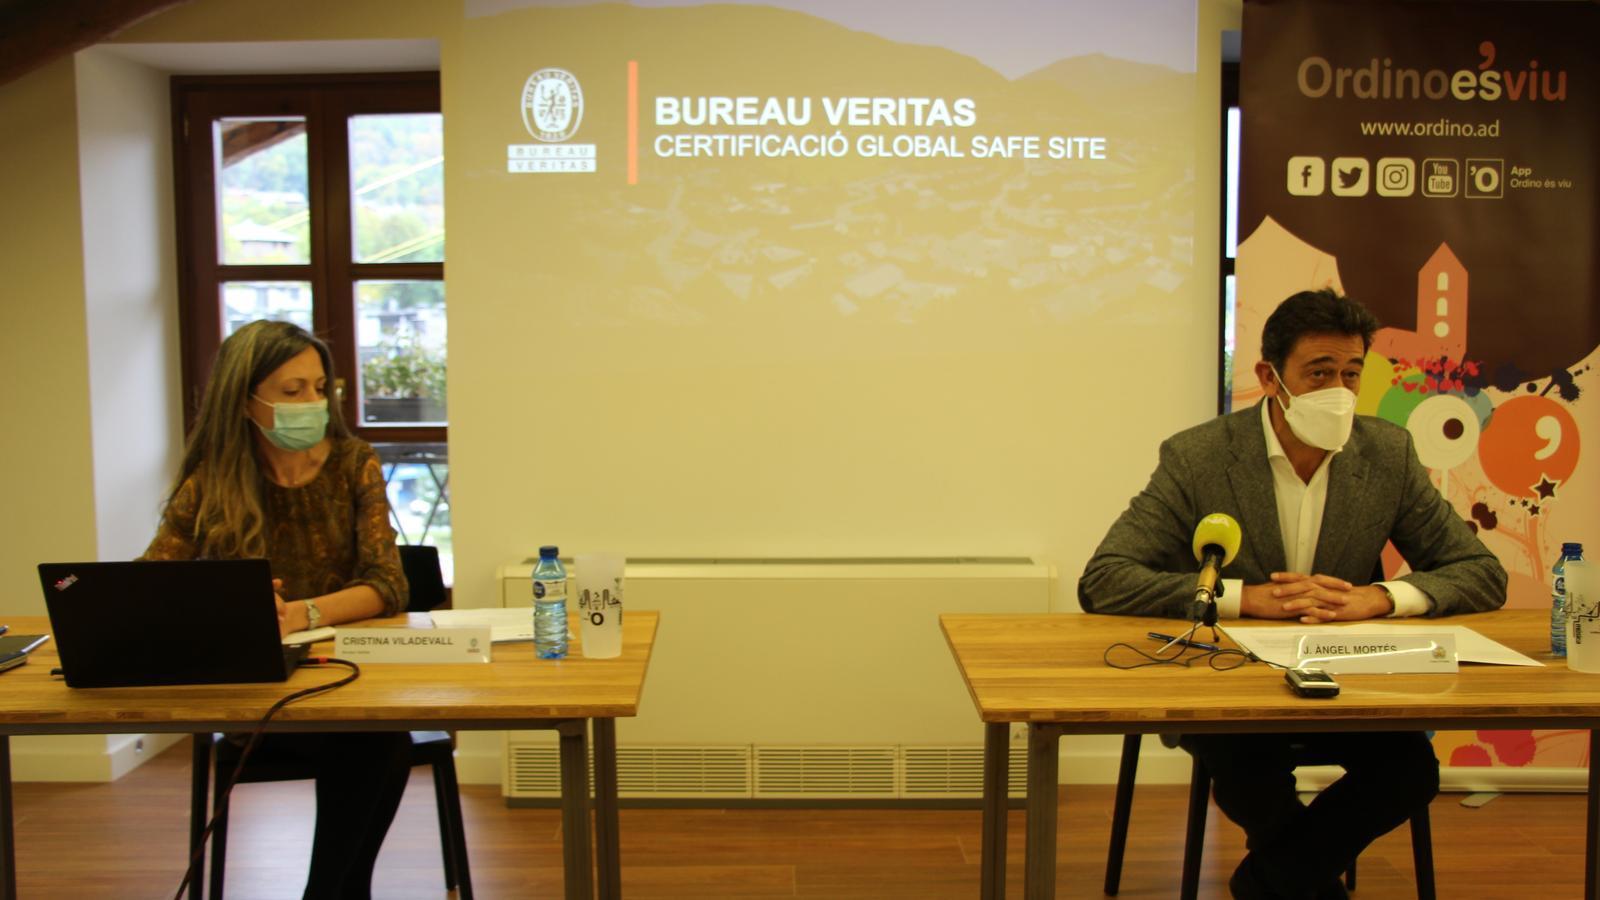 El cònsol major d'Ordino, Josep Àngel Mortés, i la representant de l'empresa Bureau Veritas, Cristina Viladevall, durant la presentació / AS